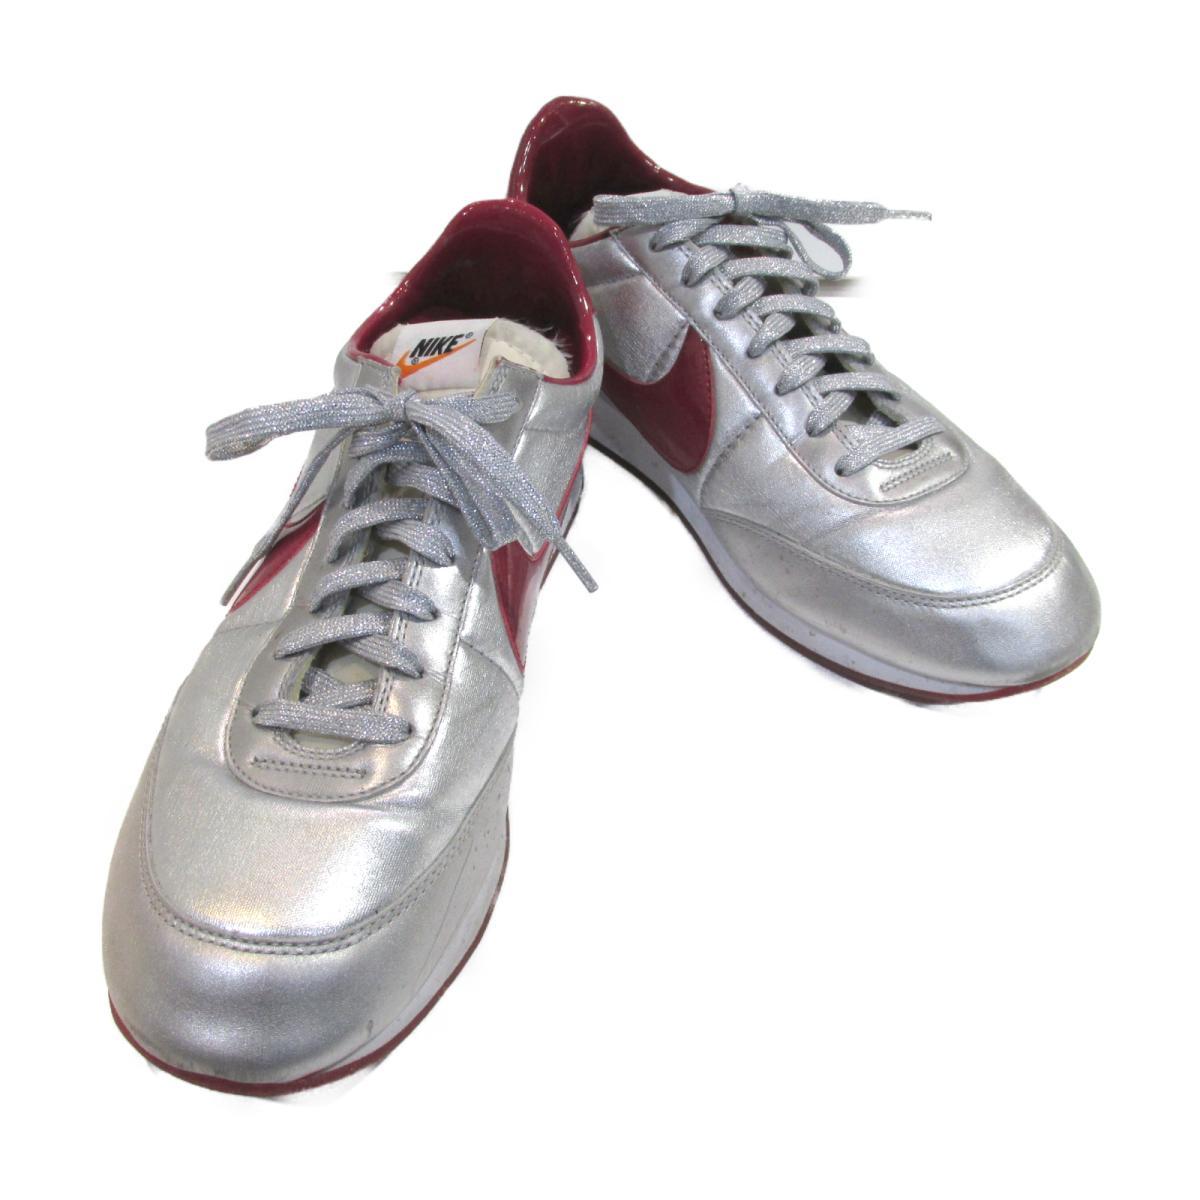 【中古】 ナイキ ナイトトラック スニーカー メンズ レザー シルバー レッド | NIKE BRANDOFF ブランドオフ ブランド 靴 シューズ クツ